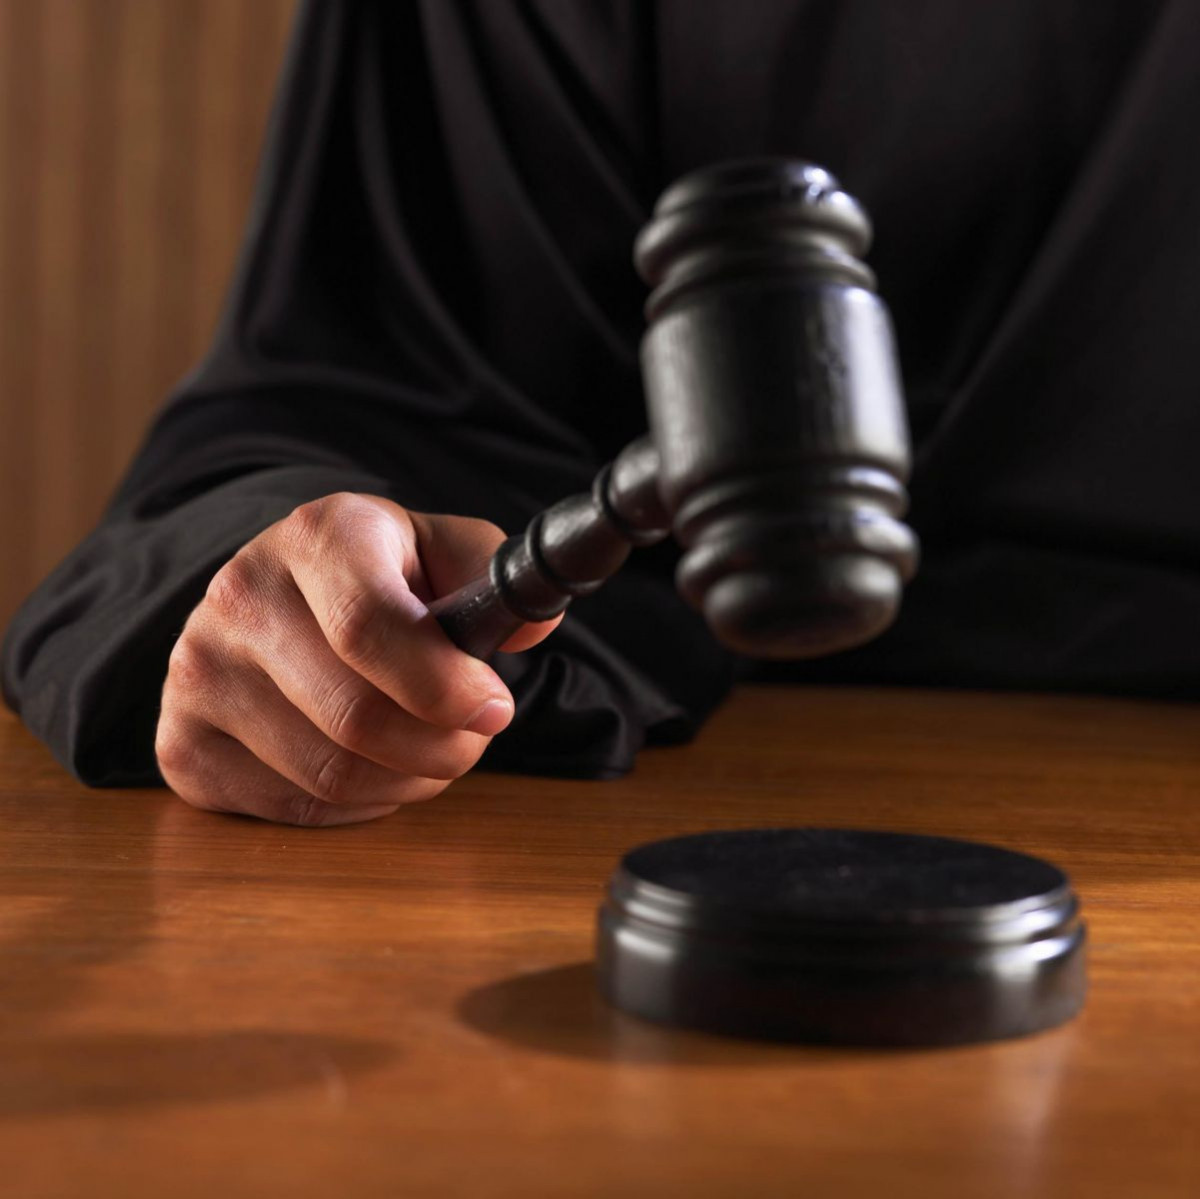 В Прокопьевске суд вынес приговор водителю, который пользовался поддельными правами